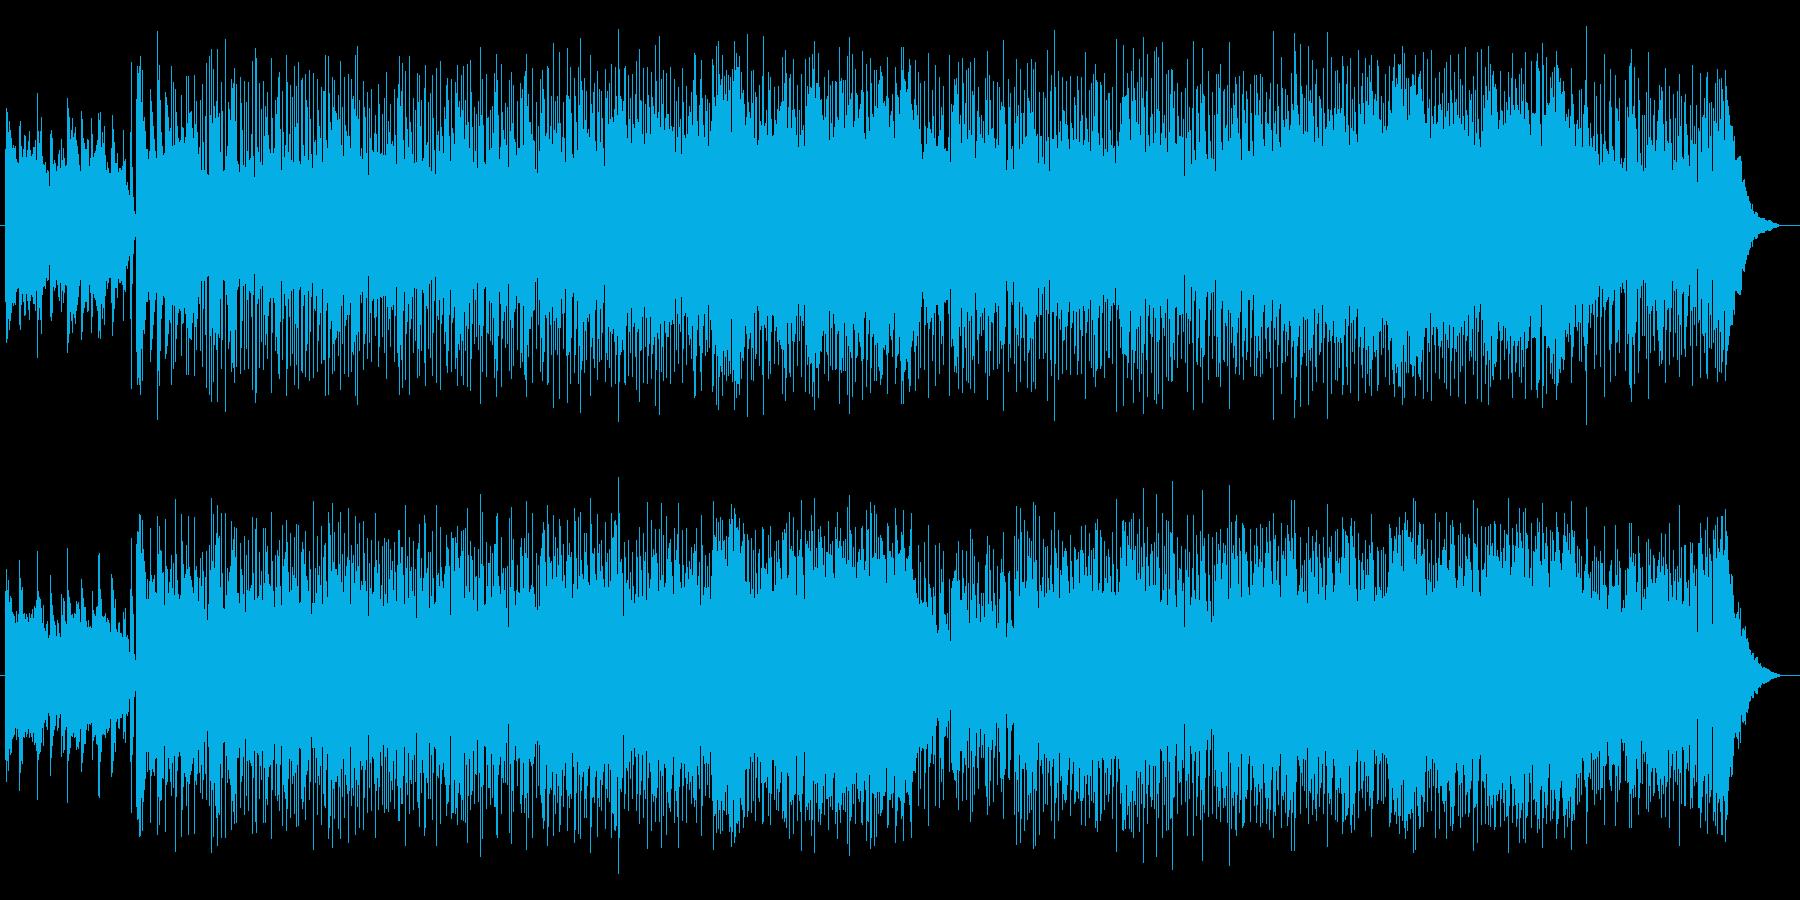 少し変わったノリノリな実験音楽風BGMの再生済みの波形